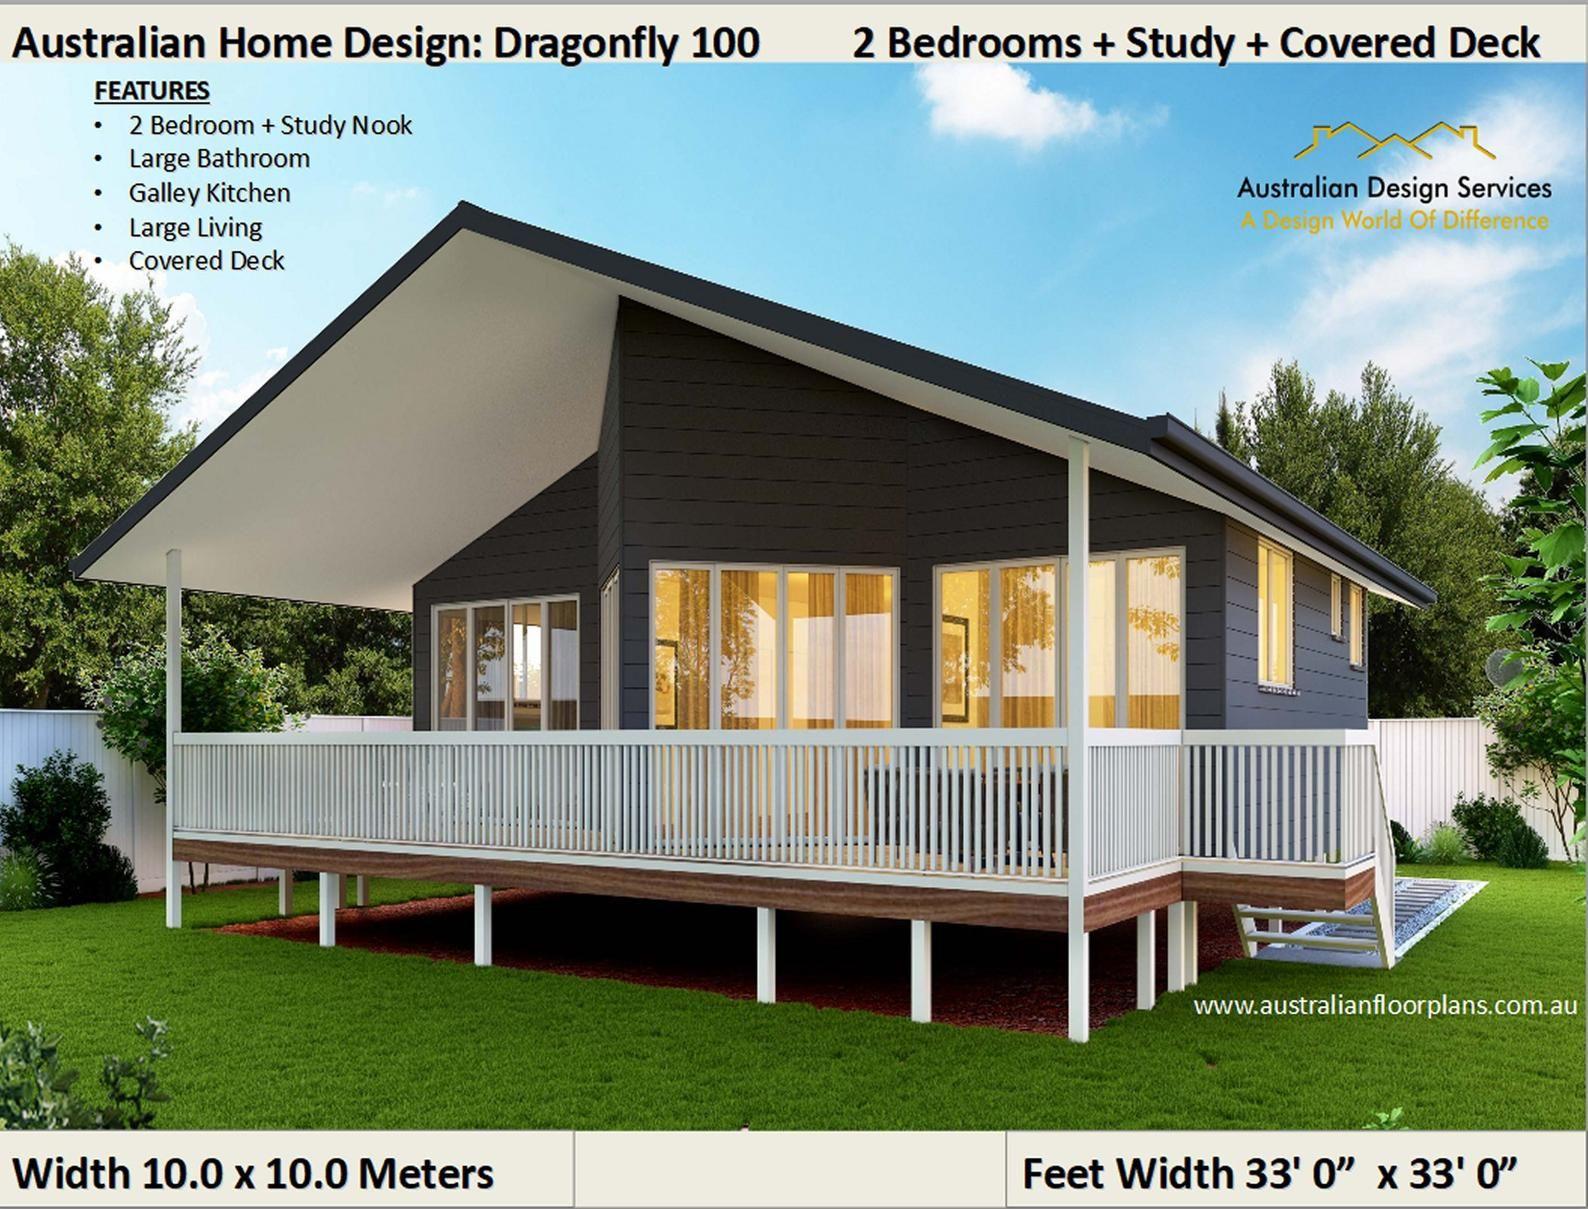 Diy Granny Flat 2 Bed Study Small Home Design Kit Home Etsy Small House Design Small House Plans House Blueprints